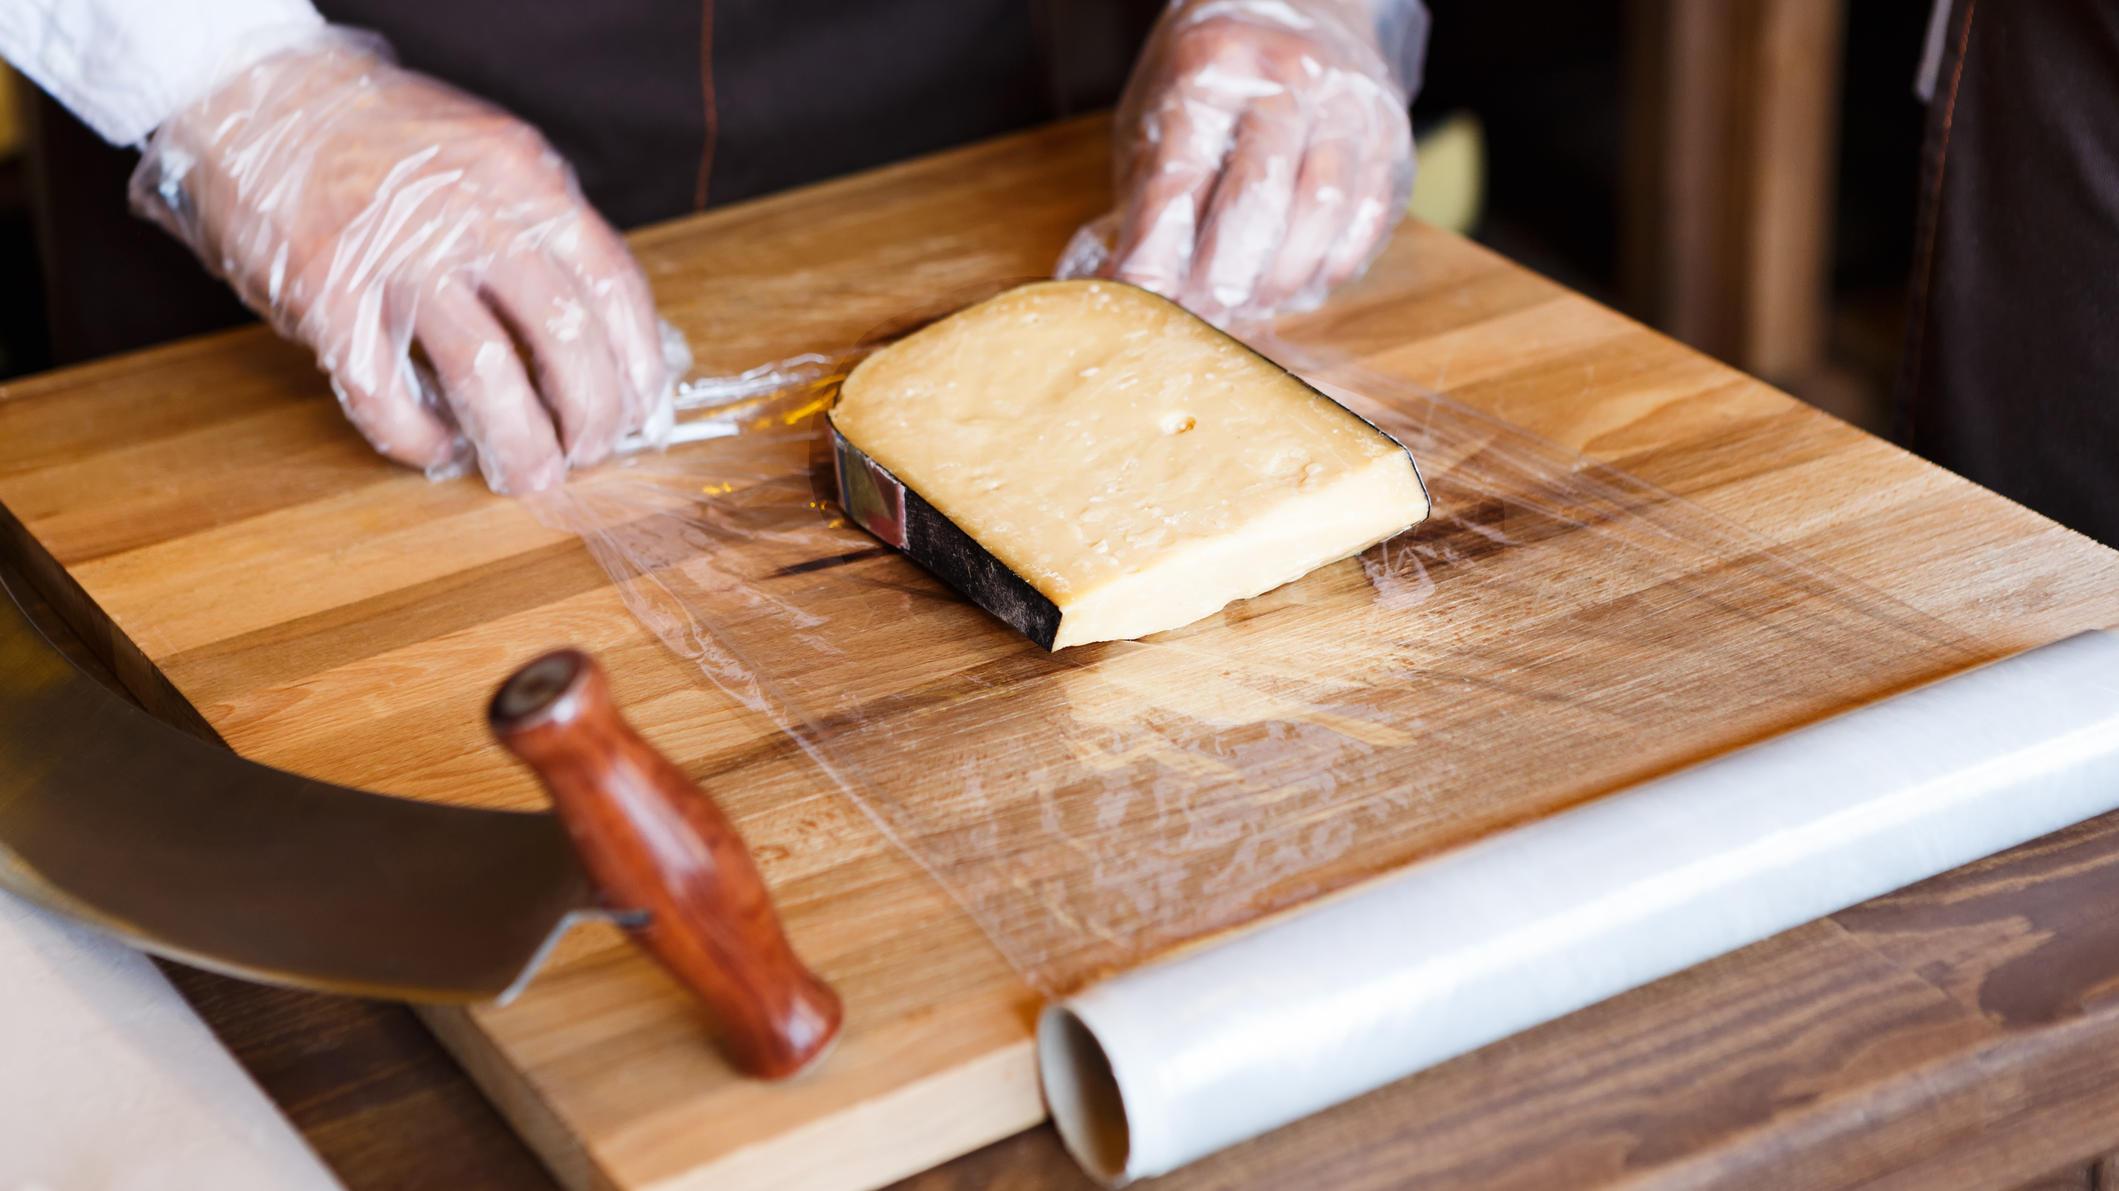 Käse richtig lagern: Bloß nicht in Frischhaltefolie wickeln!